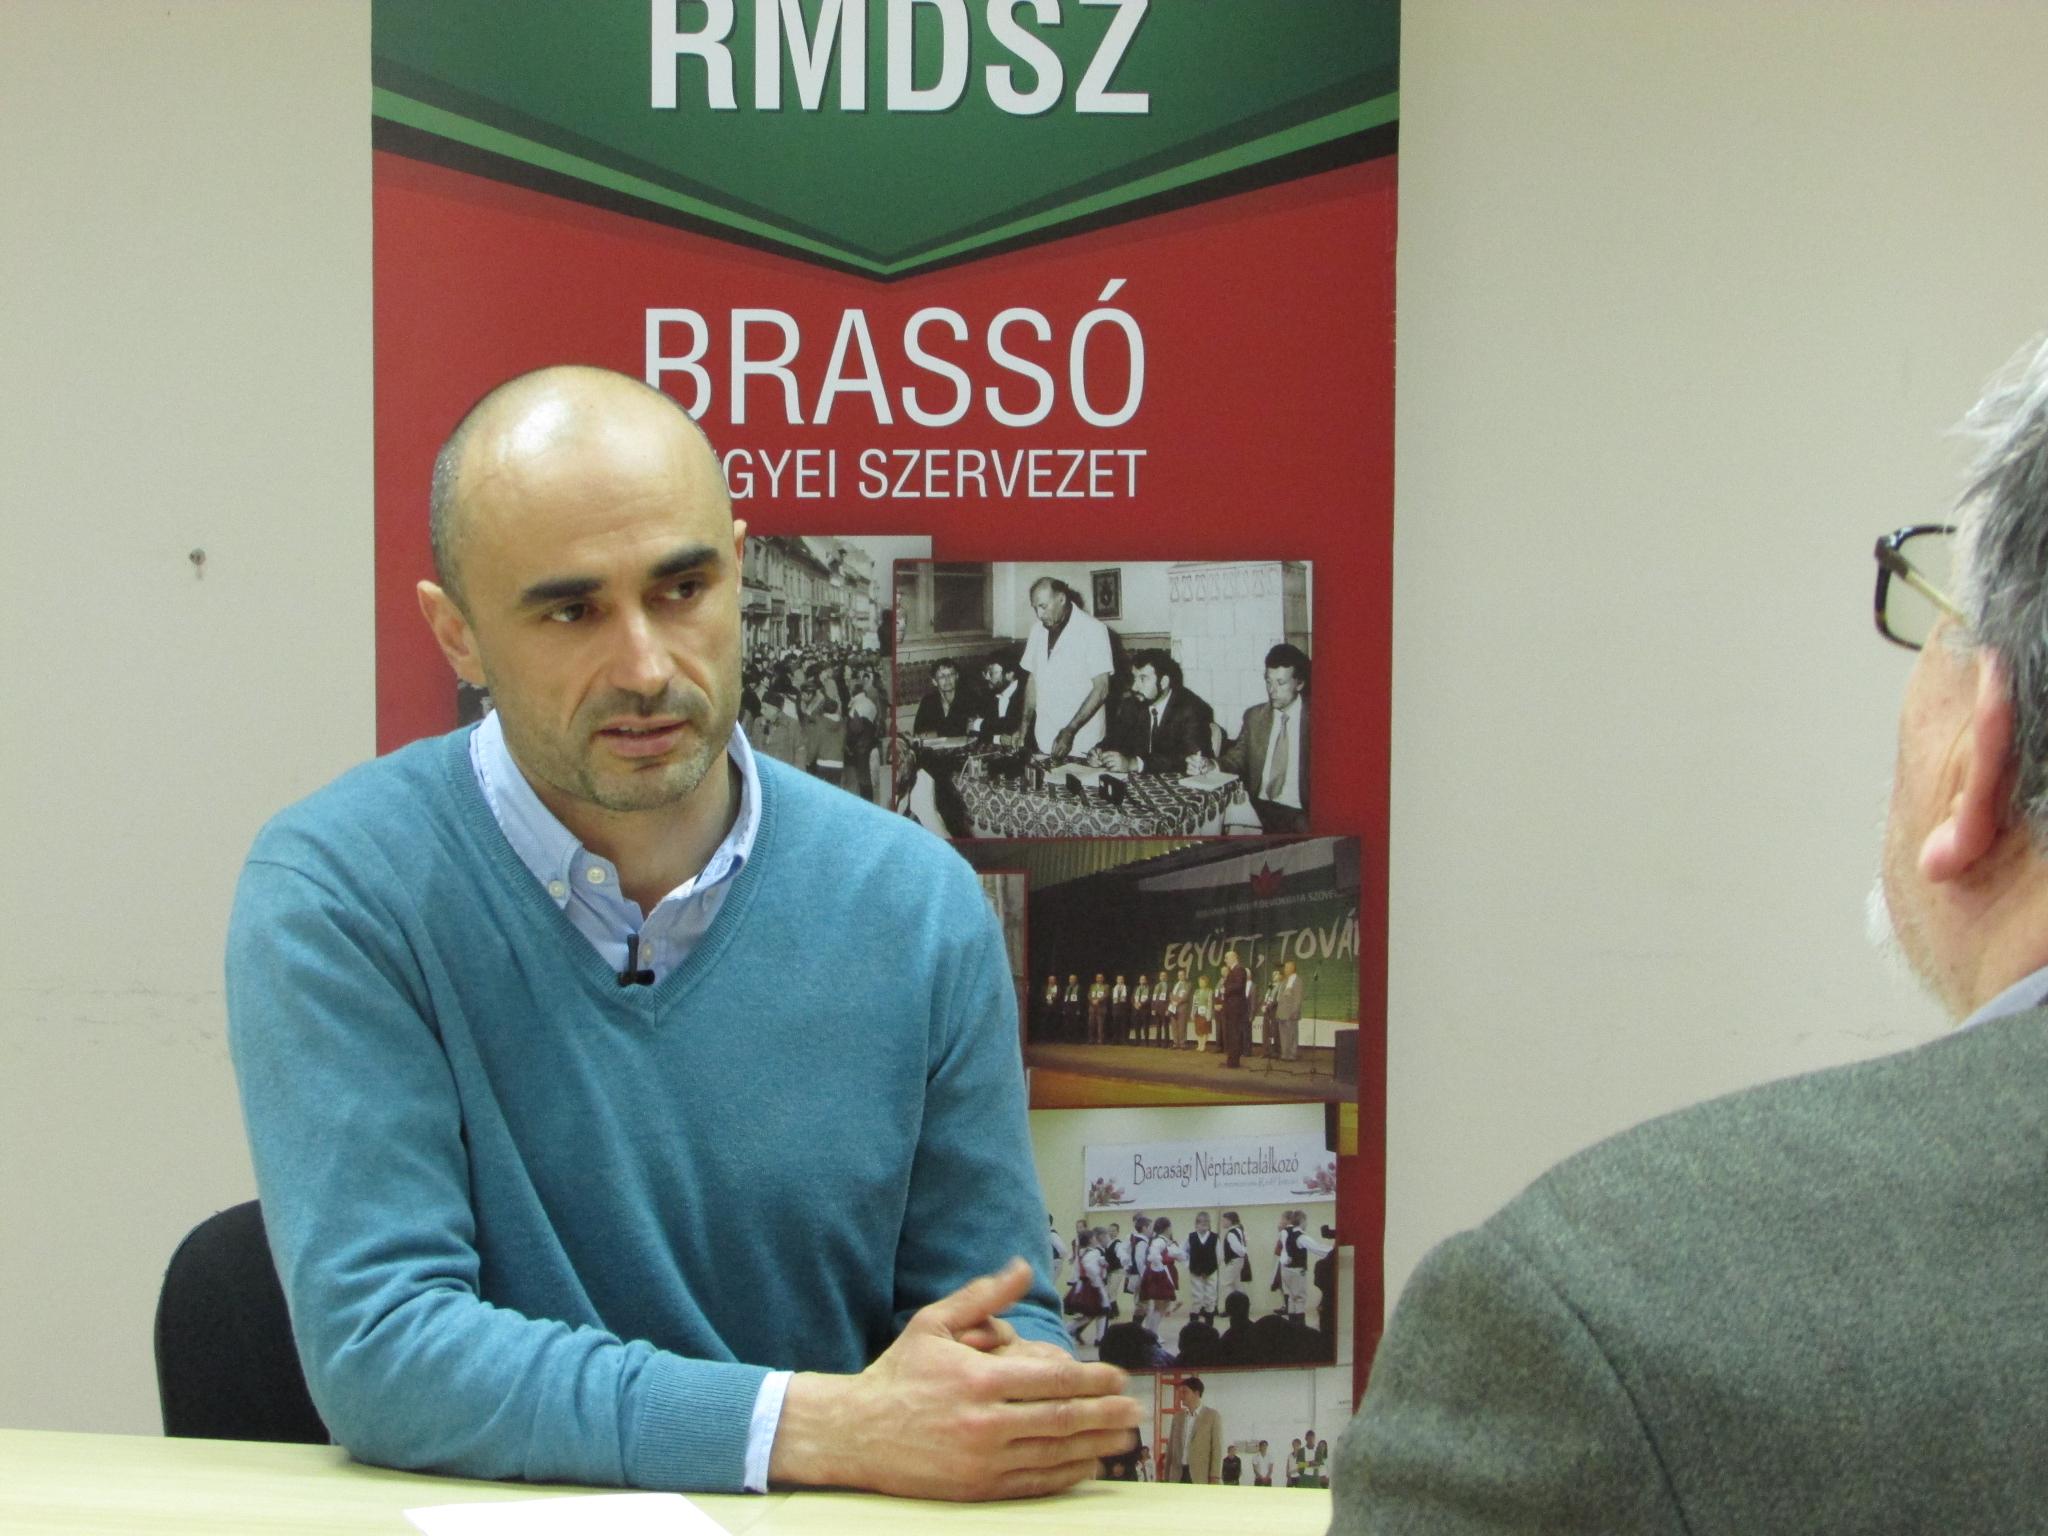 Interjú Kovács Attilával az április 15-ei Brassai Magyar Adásban